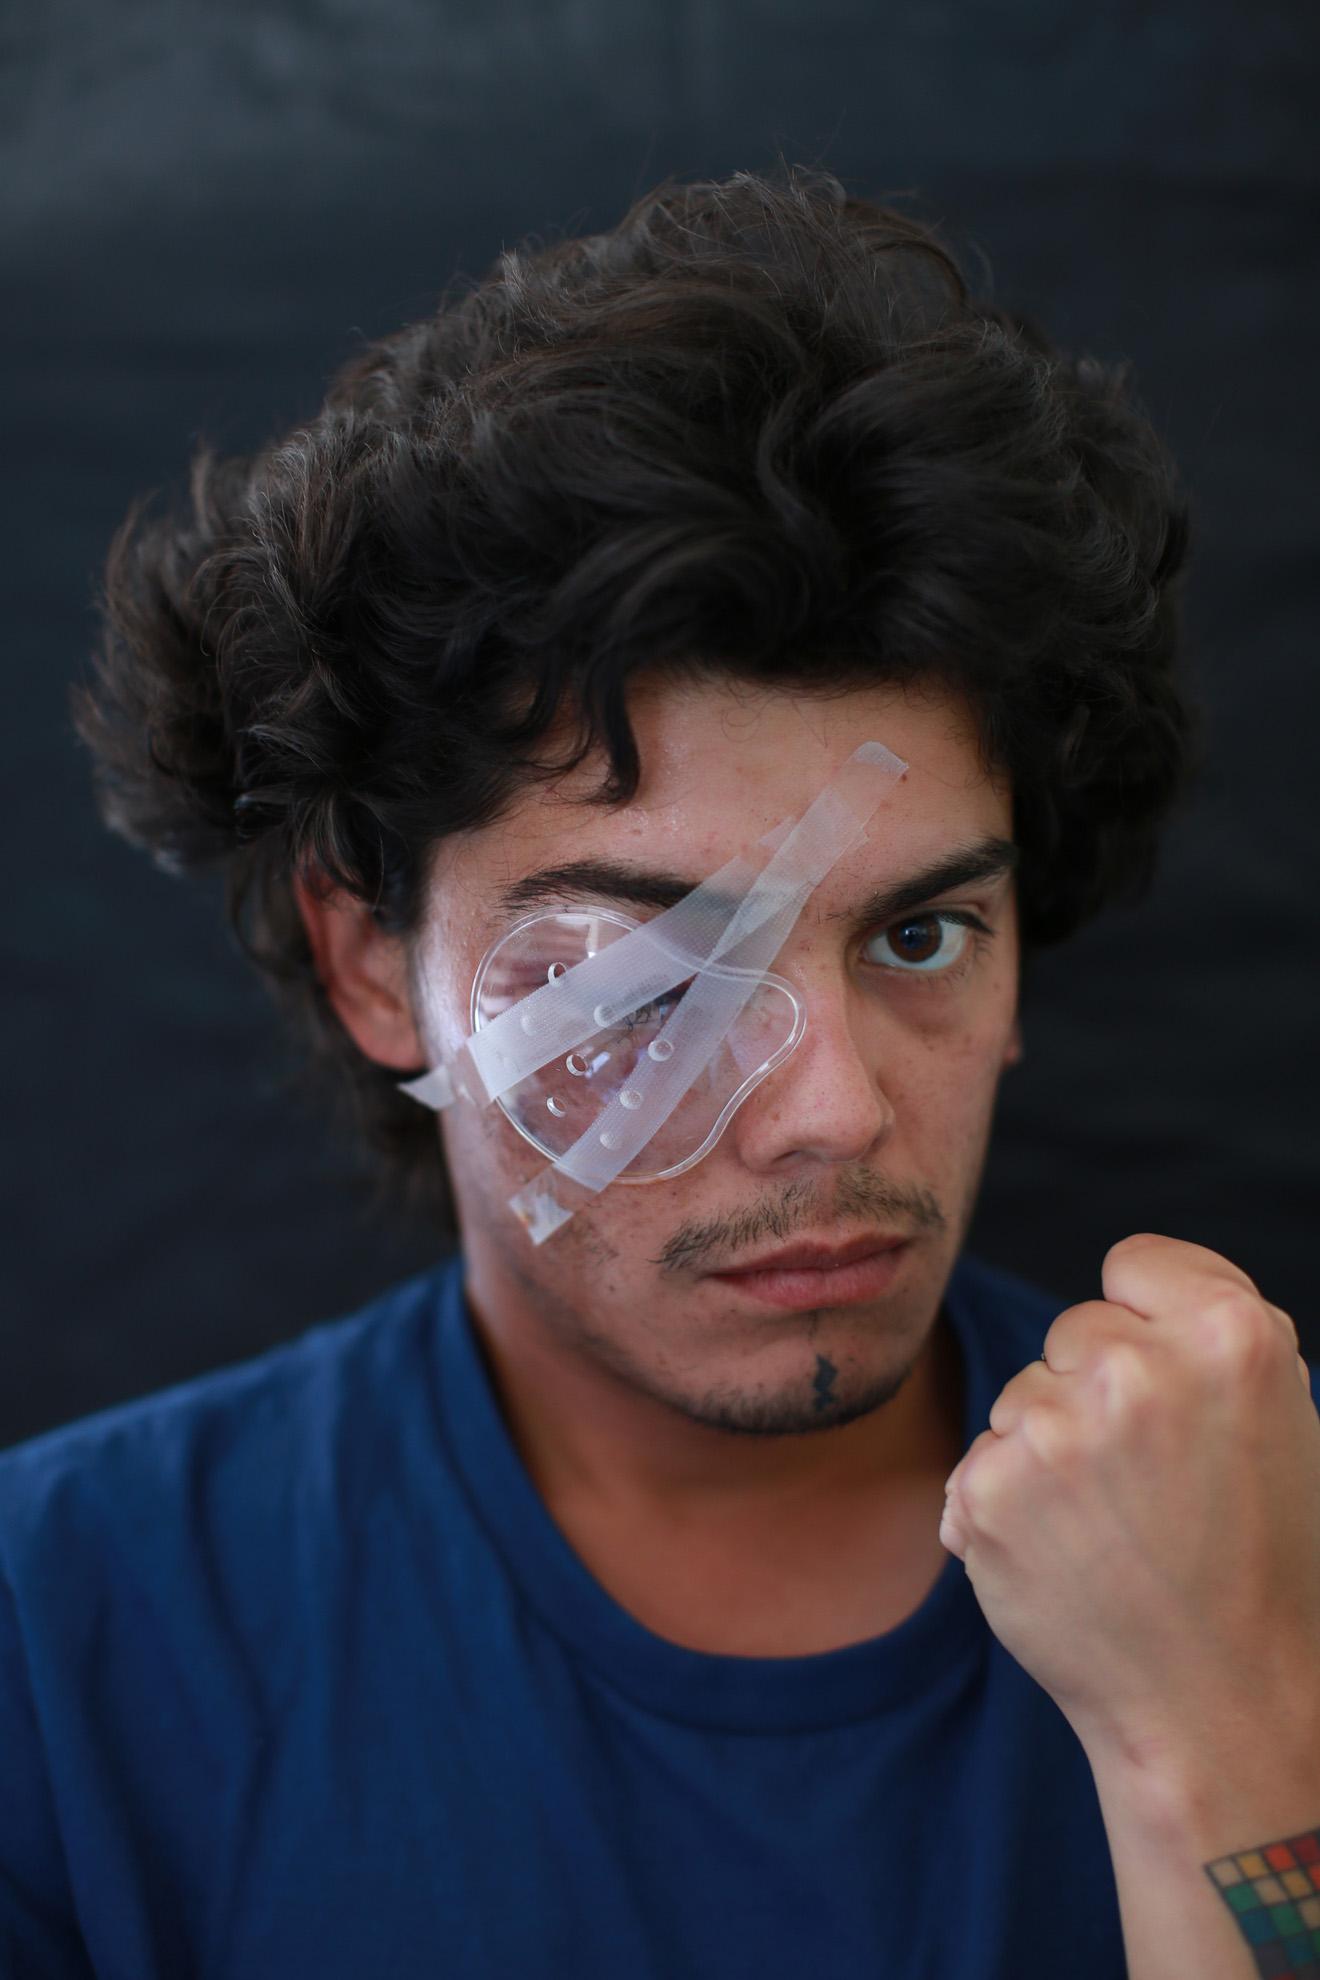 """Camilo Gálvez (24) maquinista de profesión y dueño de una página en redes sociales como thetravel antü. """"Nunca he participado de ninguna marcha, quedé atrapado en medio de la protesta, frente al centro cultural GAM. Tengo el ojo comprometido y no tengo visión. Estoy esperando por mi segunda operación""""."""